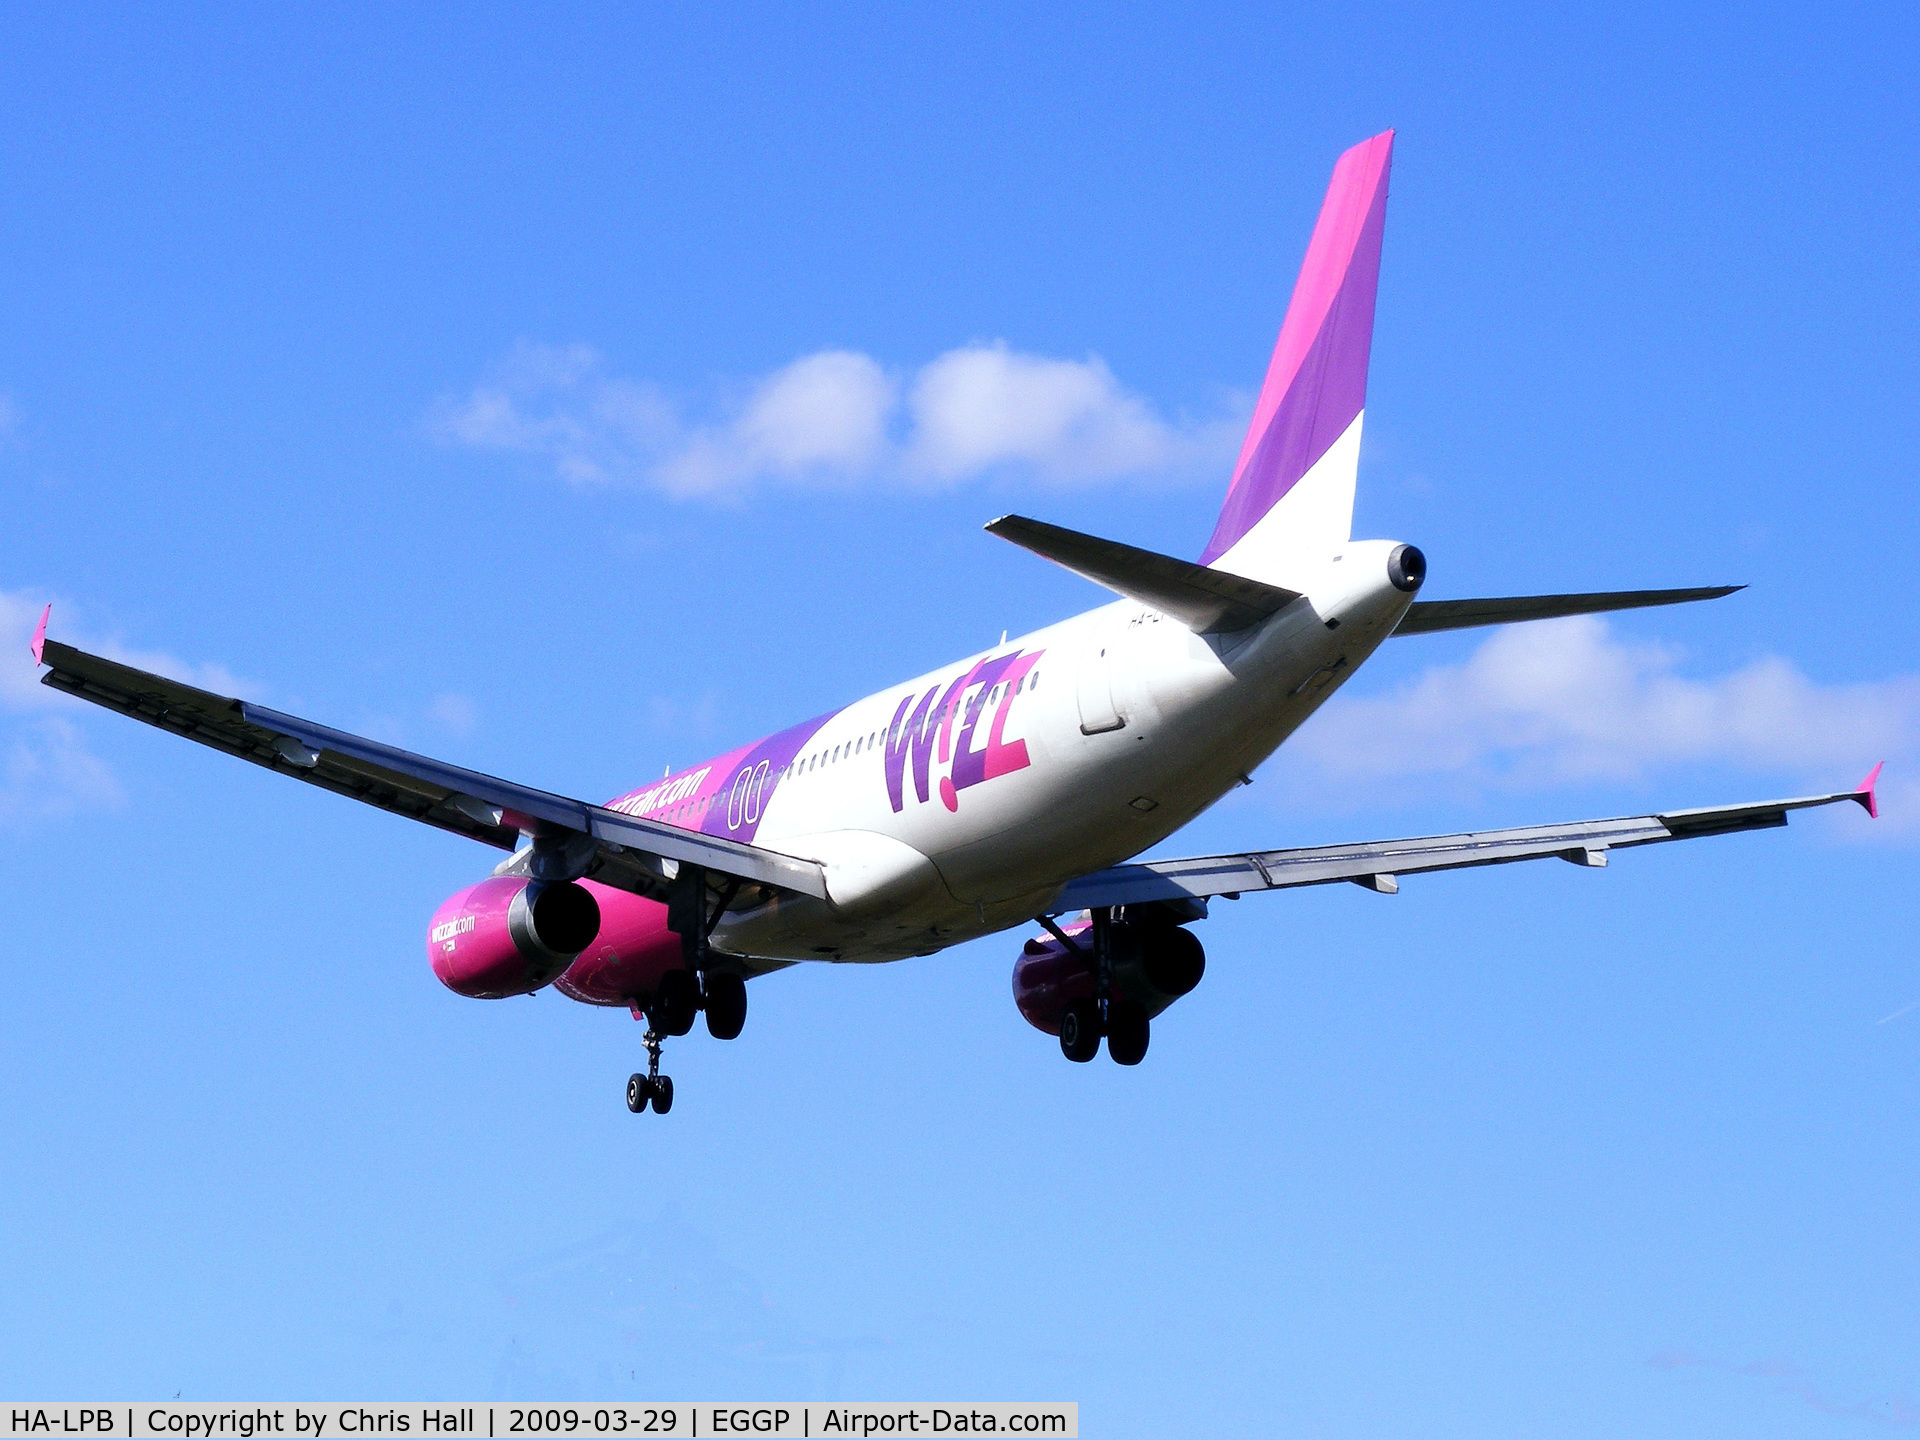 HA-LPB, 2001 Airbus A320-233 C/N 1635, Wizzair